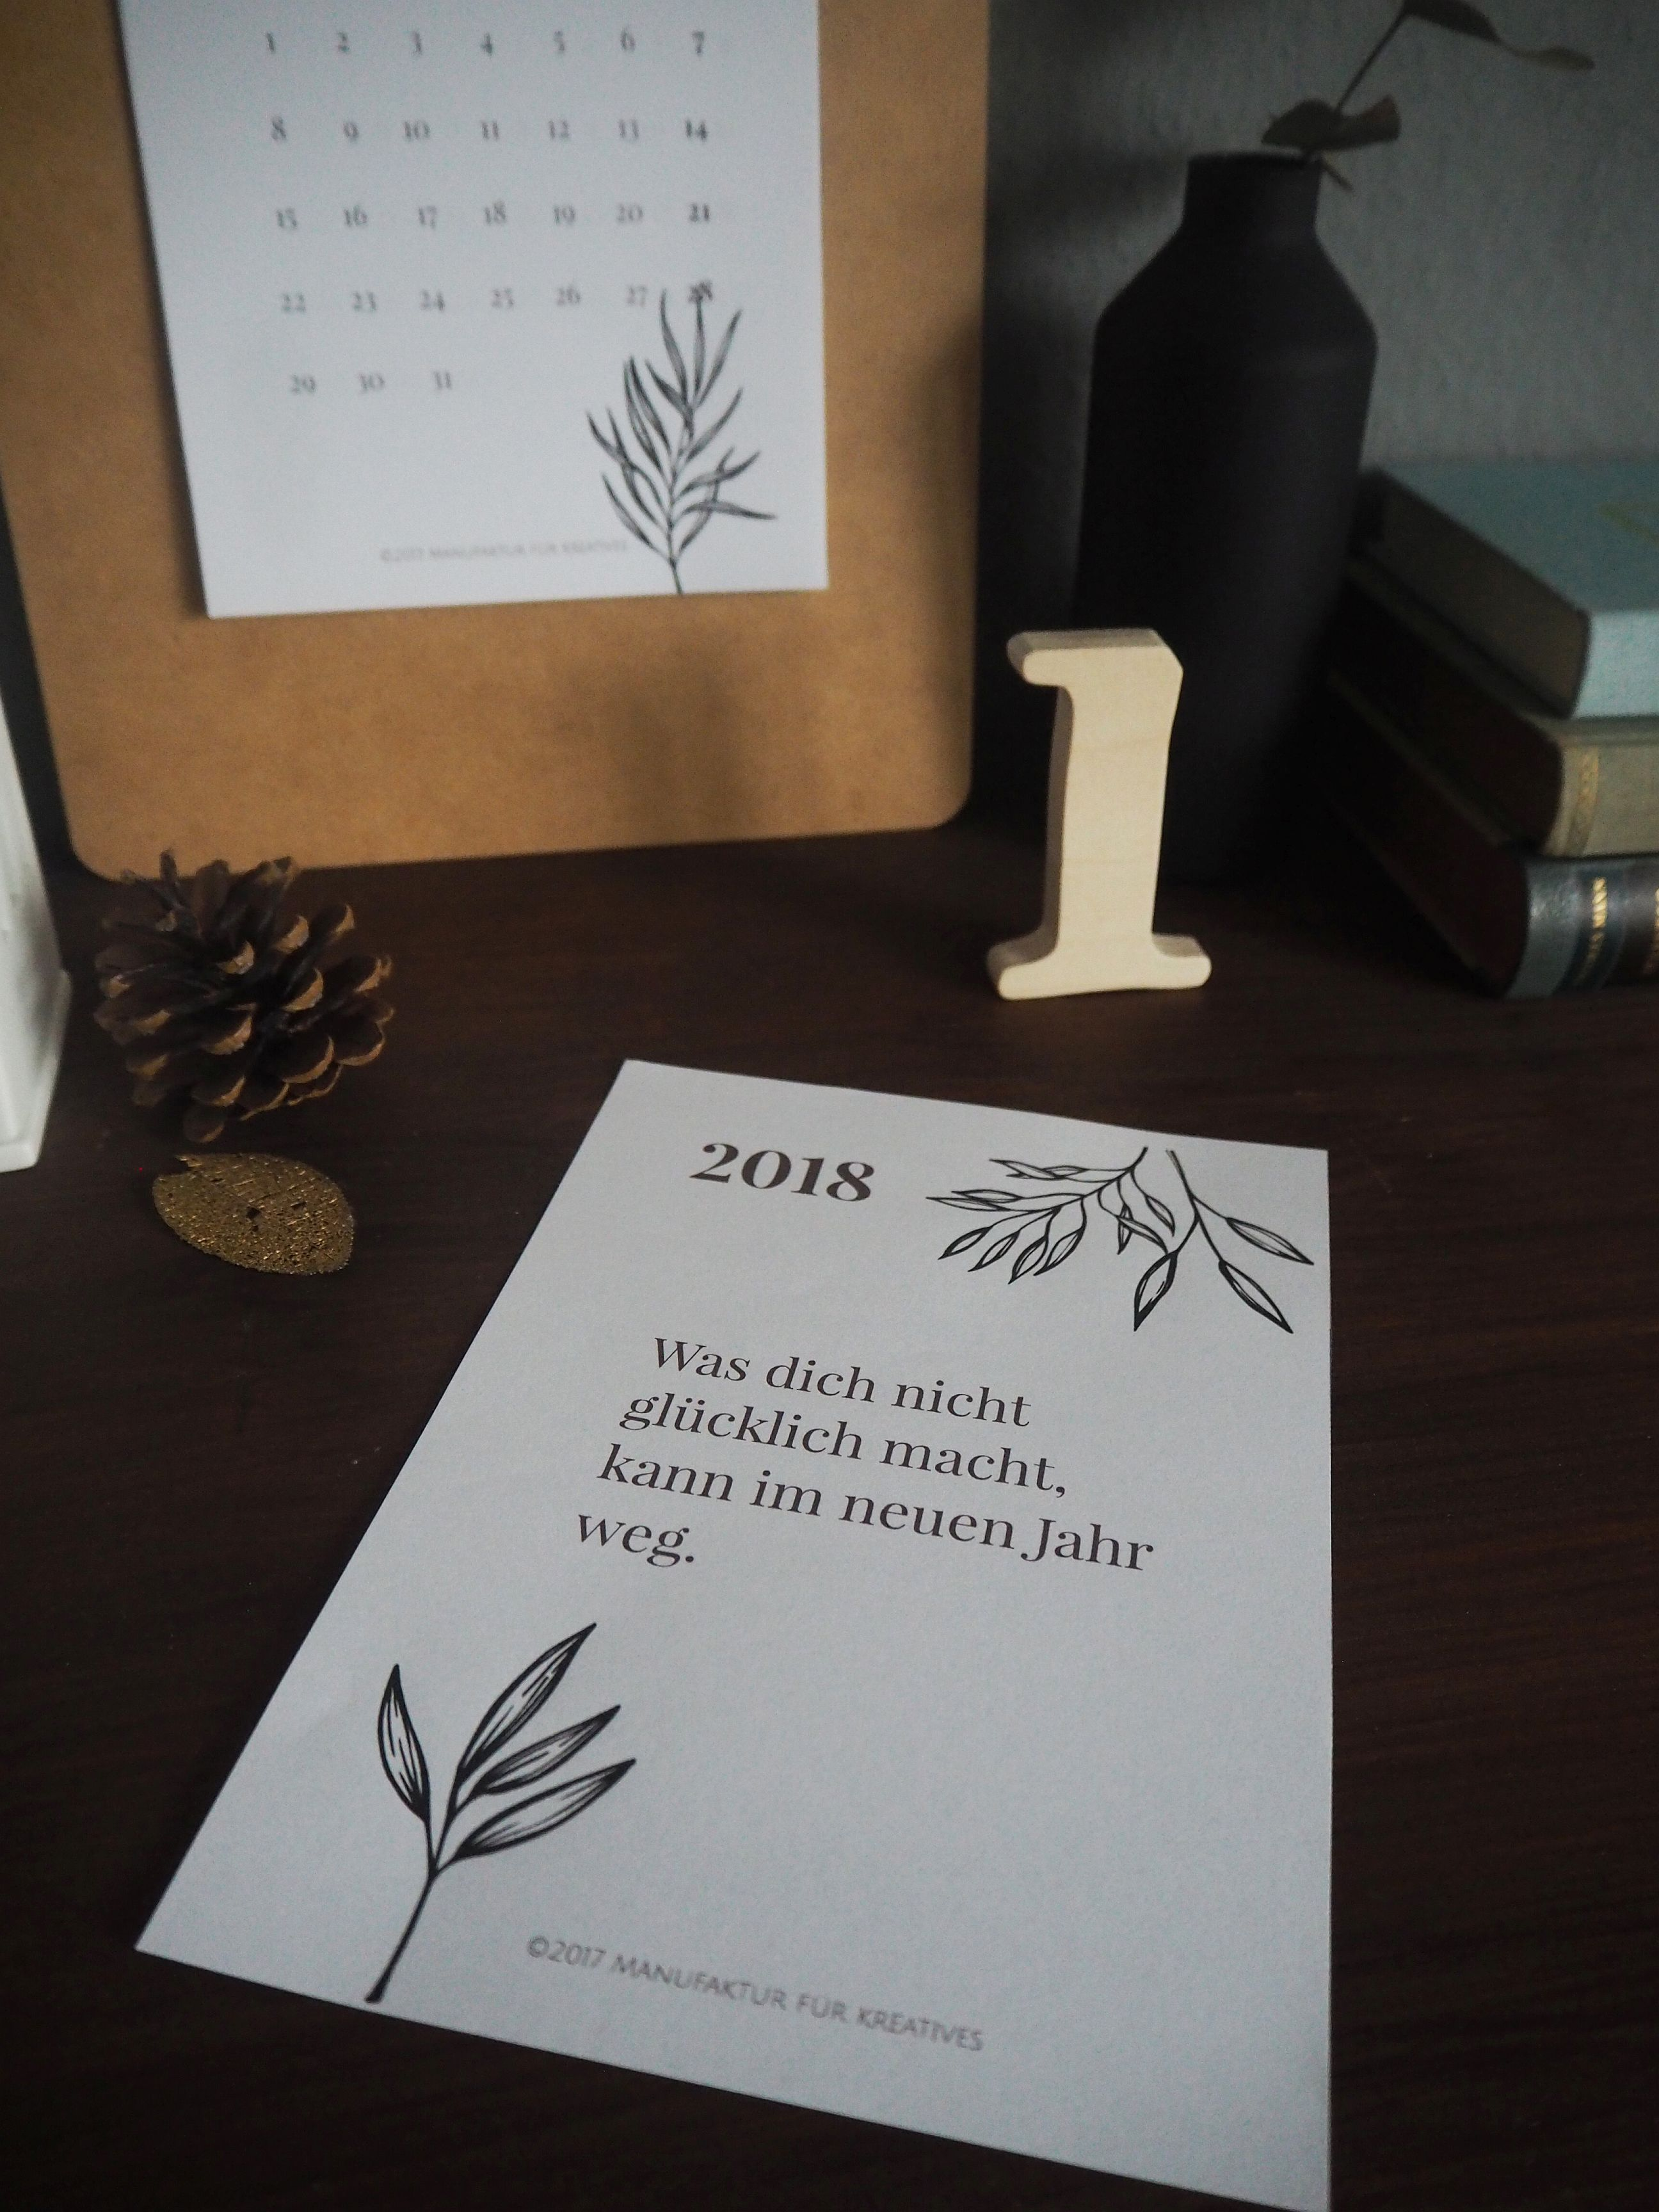 2018-01-skoen-och-kreativ-grafikdesign-kalenderliebe-neues-jahr-neuer-kalender (4)